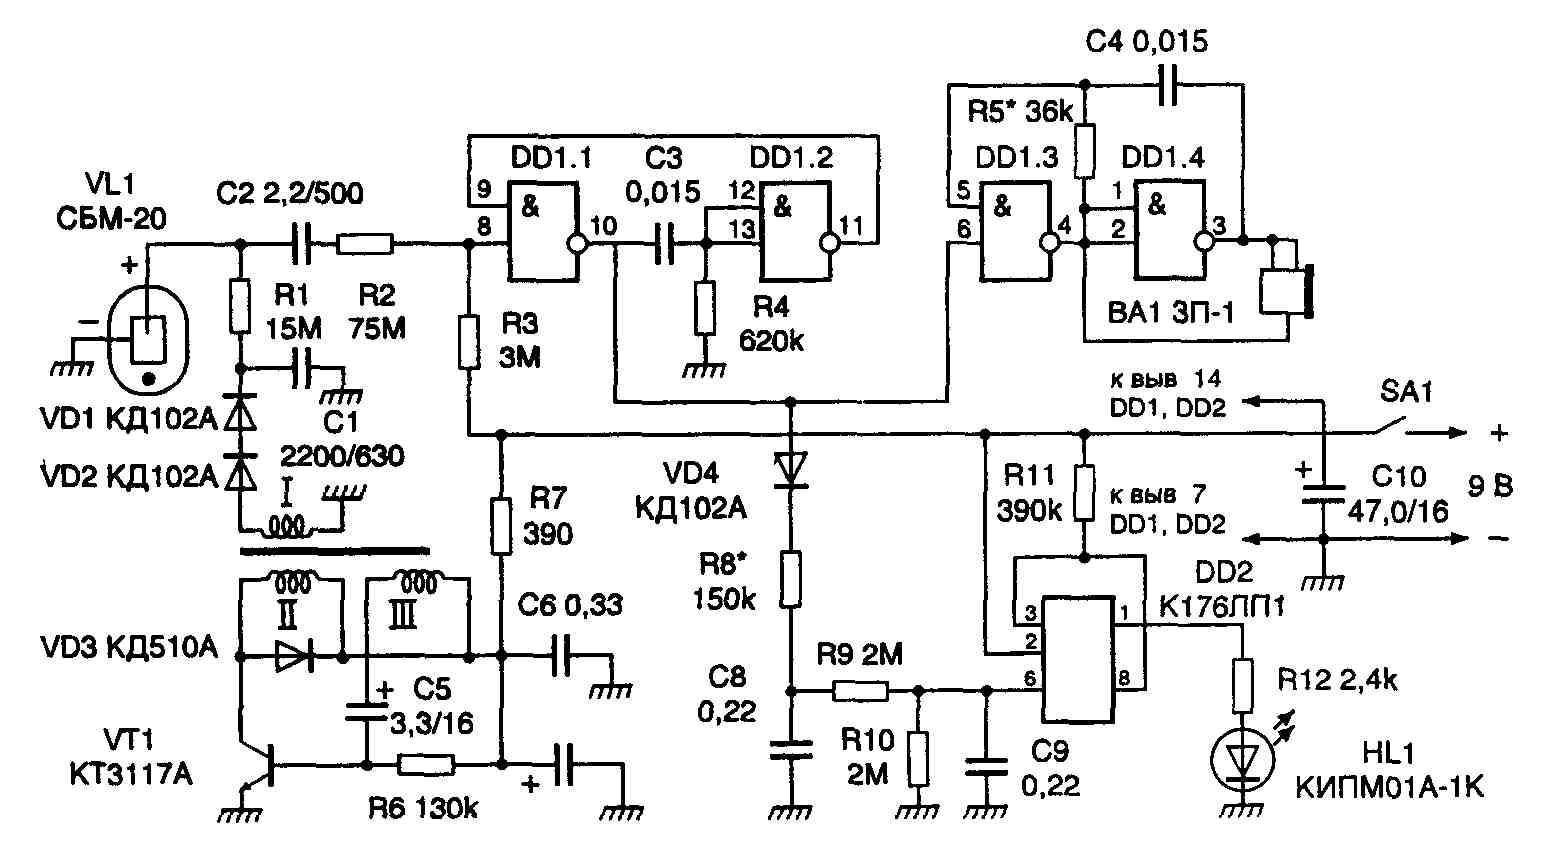 Принципиальная схема прибора изображена на рис.1. Функцию датчика ионизирующей радиации VL1 выполняет счетчик Гейгера...